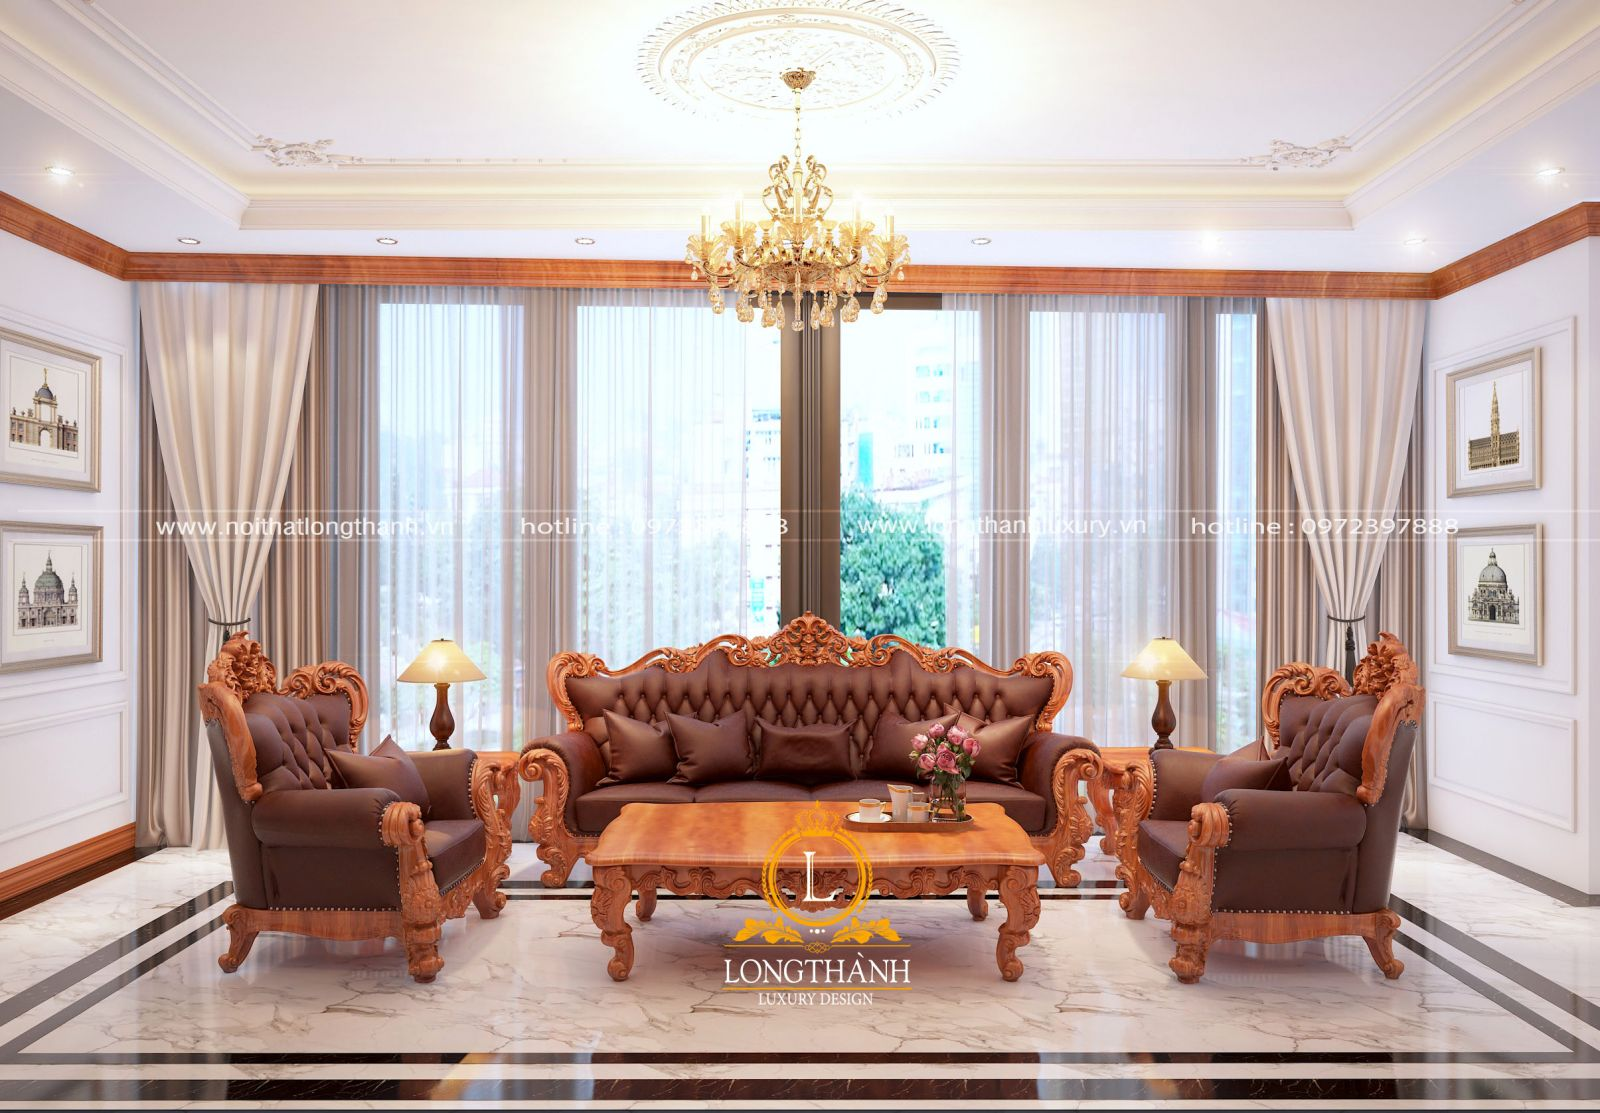 sofa tân cổ điển phòng khách lộng lẫy, quý phái mang phong cách Châu Âu